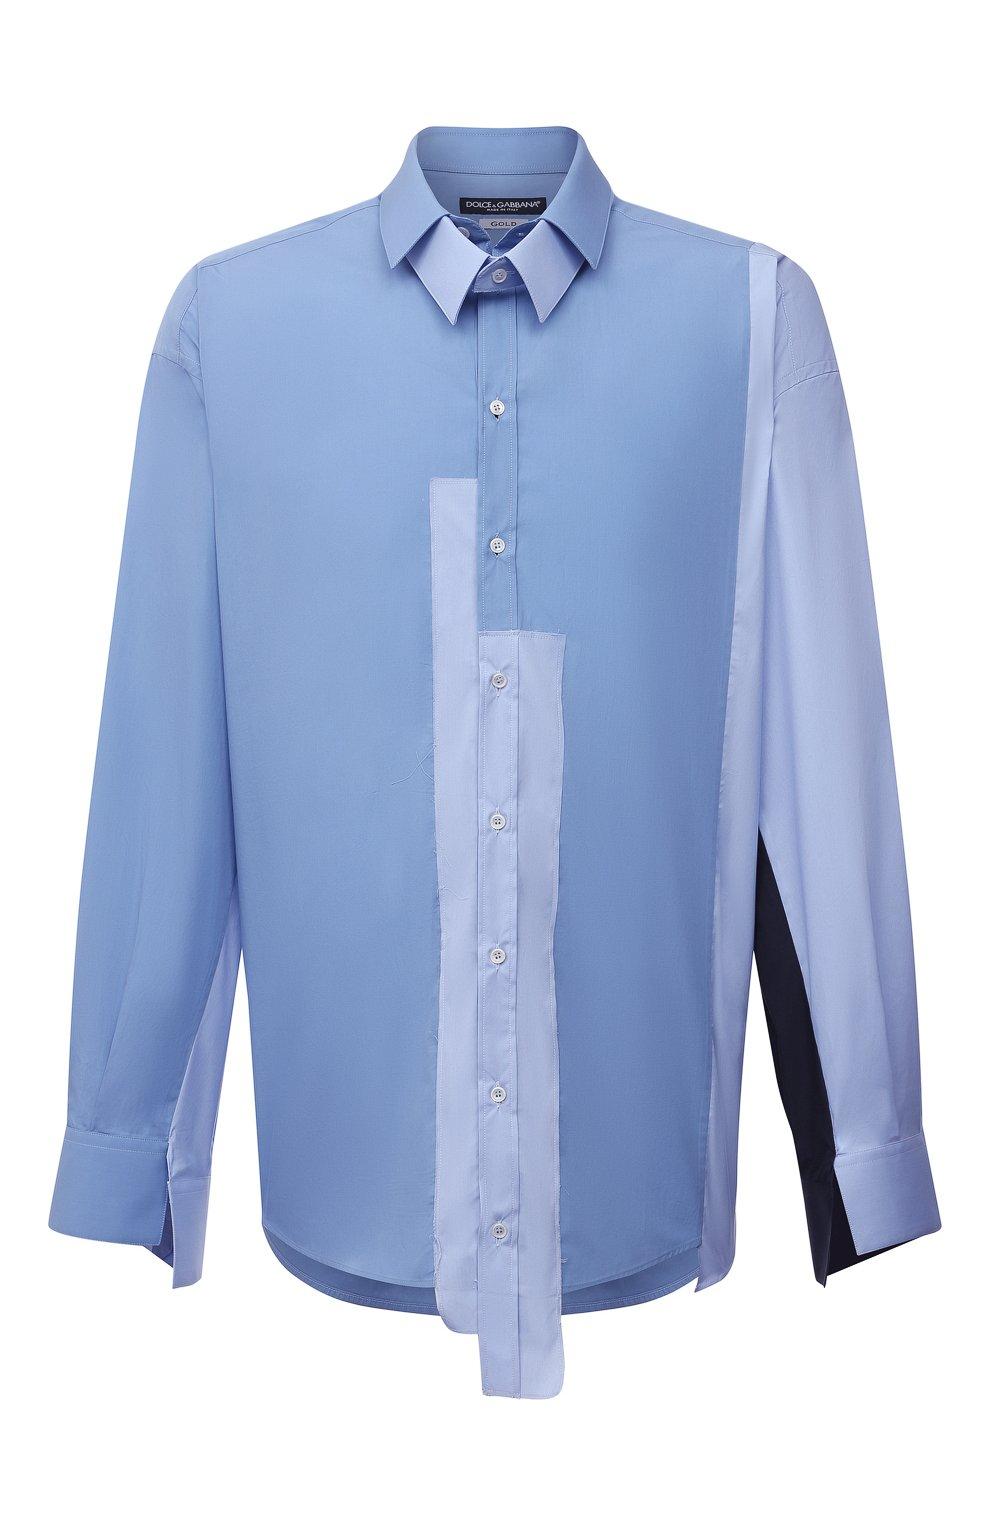 Мужская рубашка DOLCE & GABBANA голубого цвета, арт. G5IN5T/GEQ26 | Фото 1 (Манжеты: На пуговицах; Воротник: Кент; Рукава: Длинные; Случай: Повседневный; Длина (для топов): Стандартные; Материал внешний: Хлопок; Принт: Однотонные; Стили: Бохо)